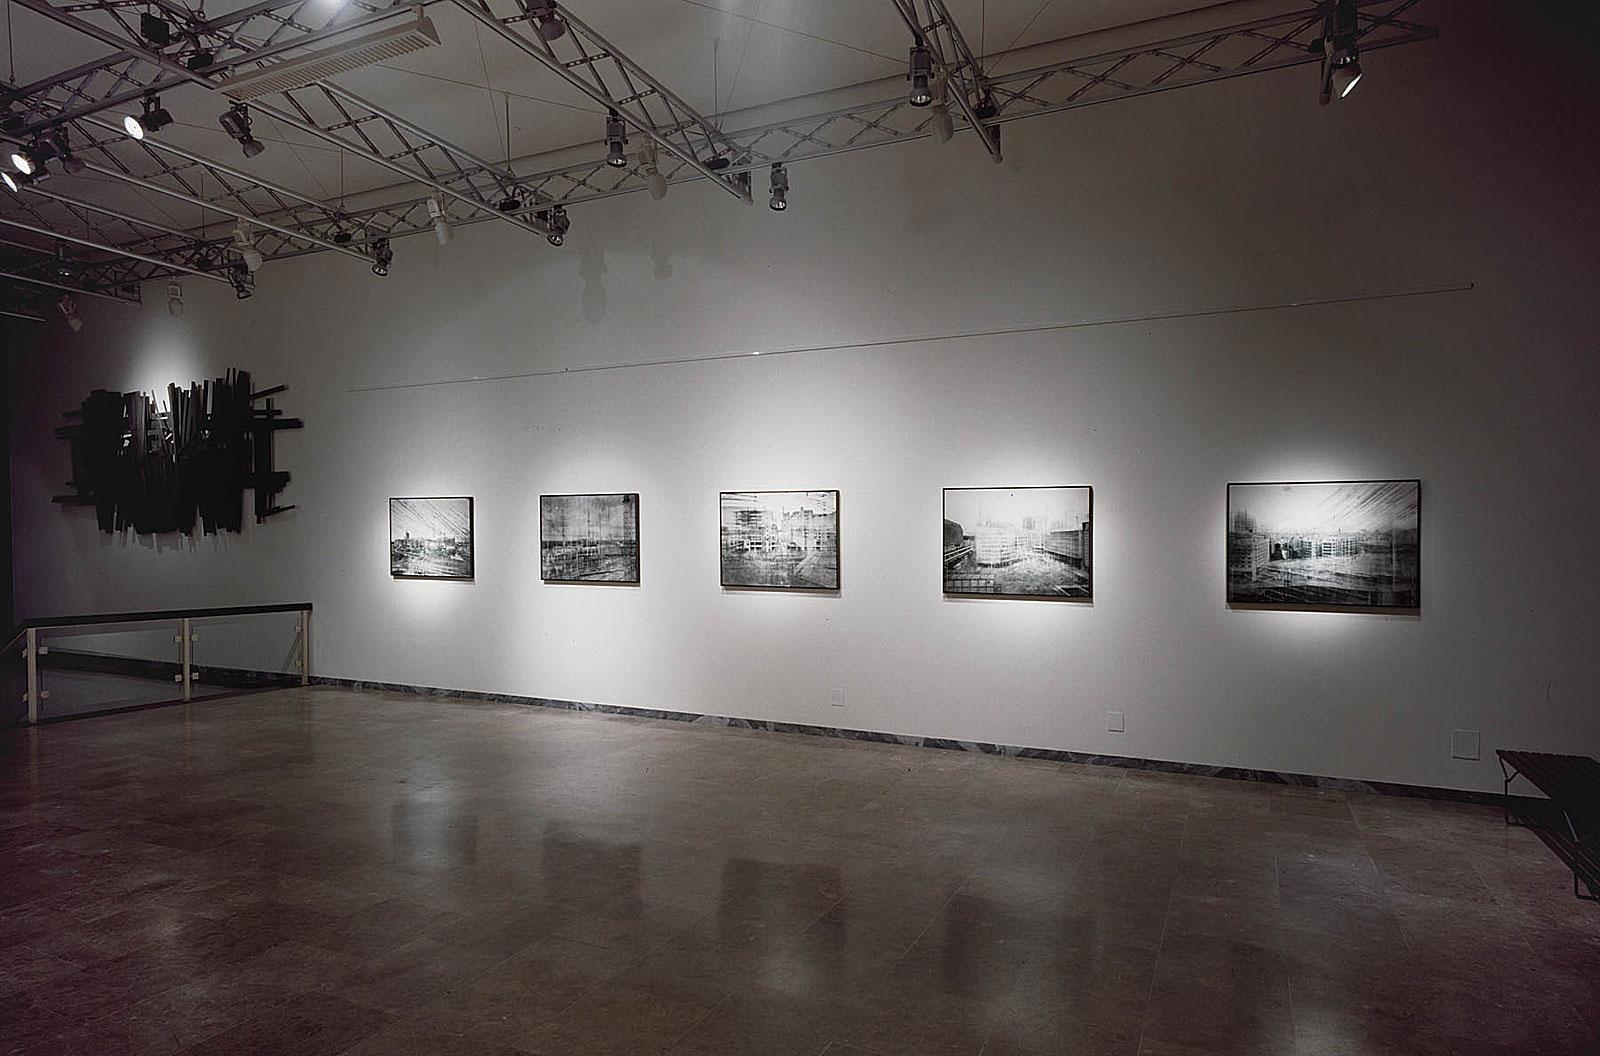 La memoria dell' esposizione, Goethe-Institut, Rom